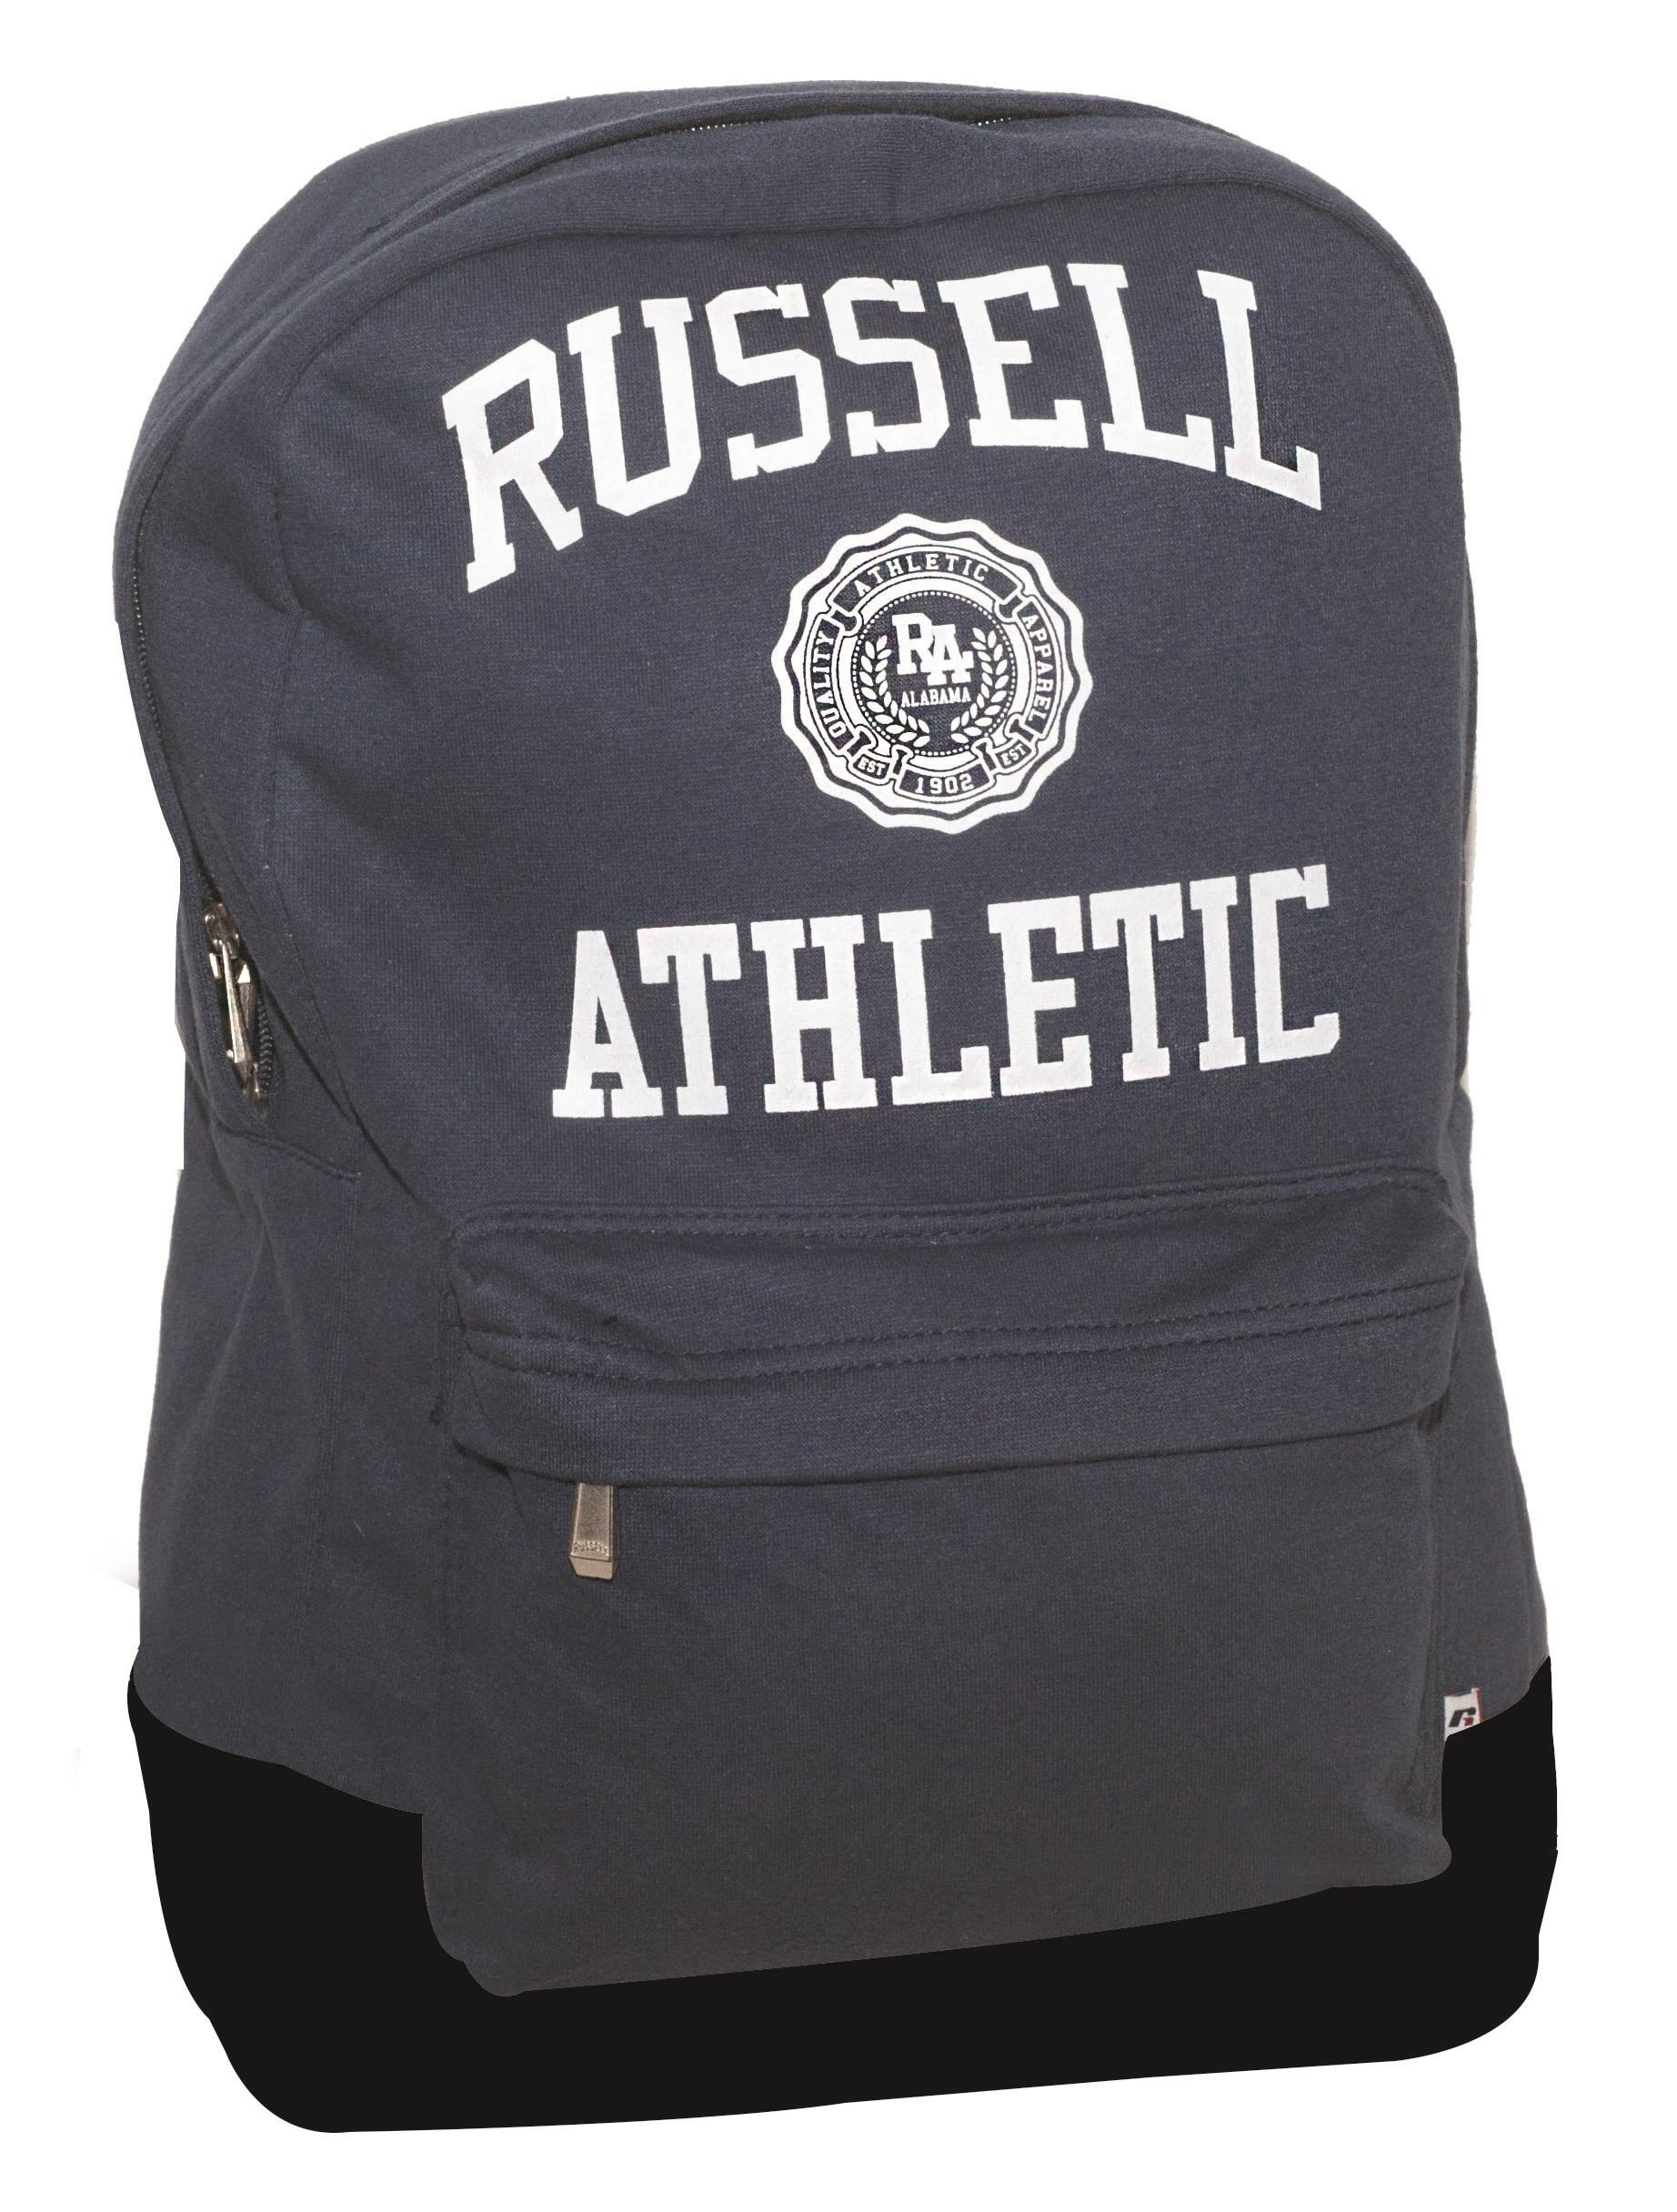 Σακιδιο Πλατης Russell Athletic 391-53522 RAK62 Γκρι/Μαύρο